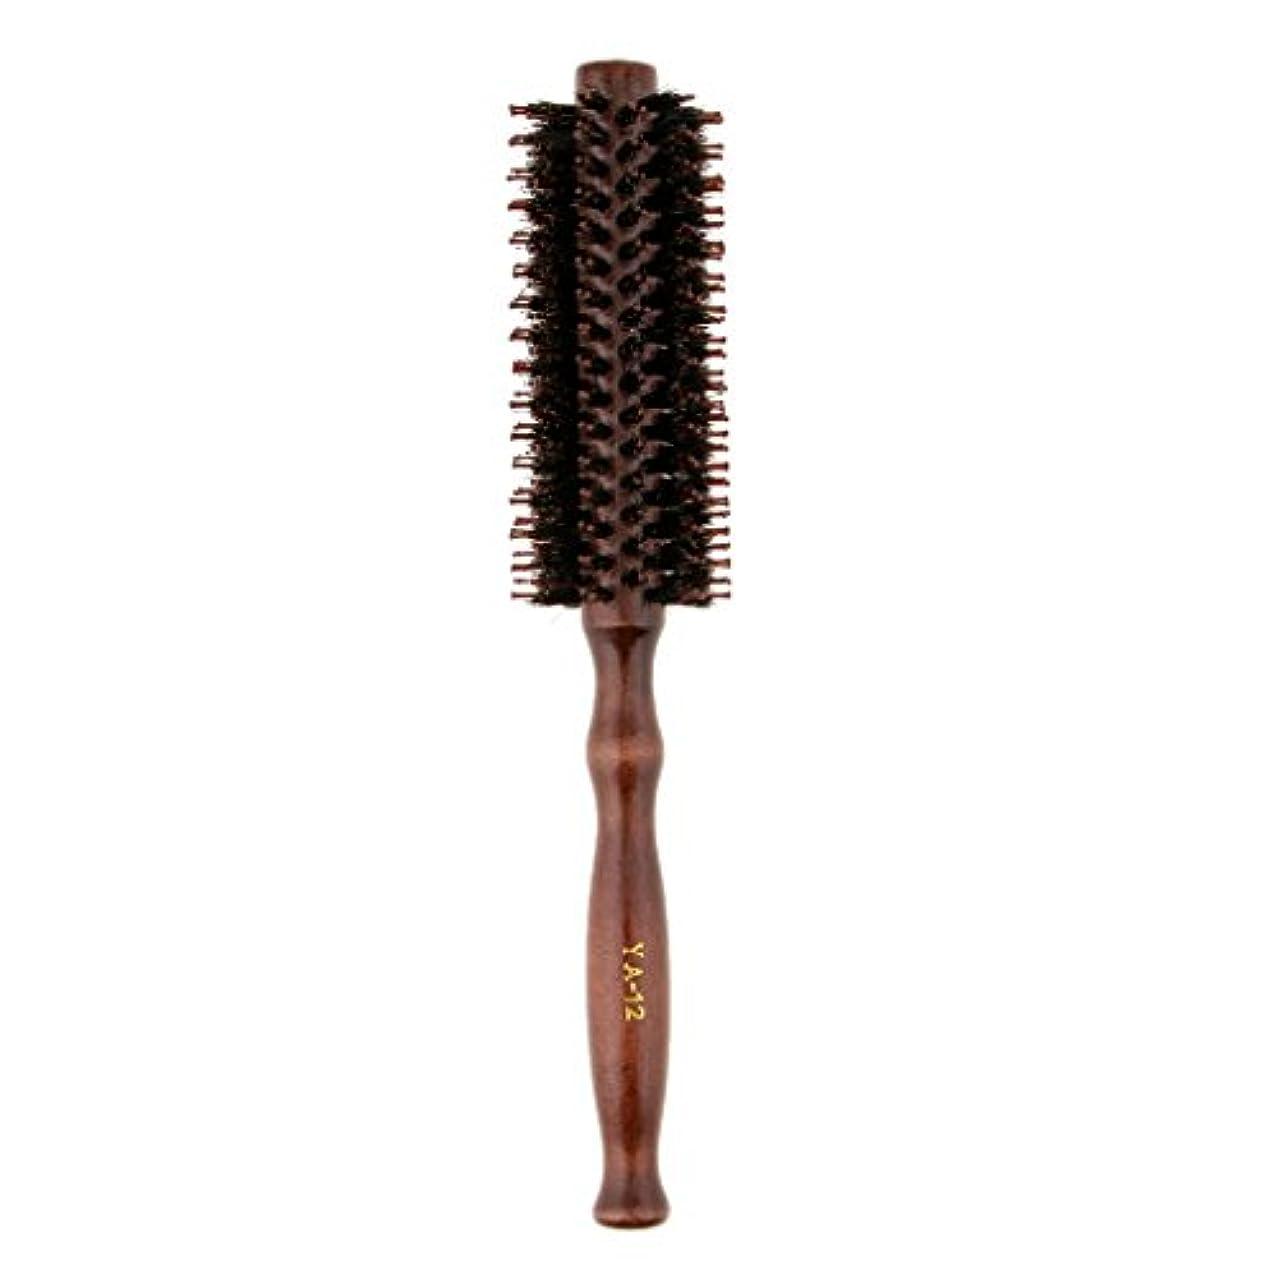 ブランク行き当たりばったりロードハウス自然な剛毛の円形のスタイリングのヘアブラシの木製のハンドル - スタイル、カールおよび乾いた髪への女性と男性のためのロールヘアブラシ - #2